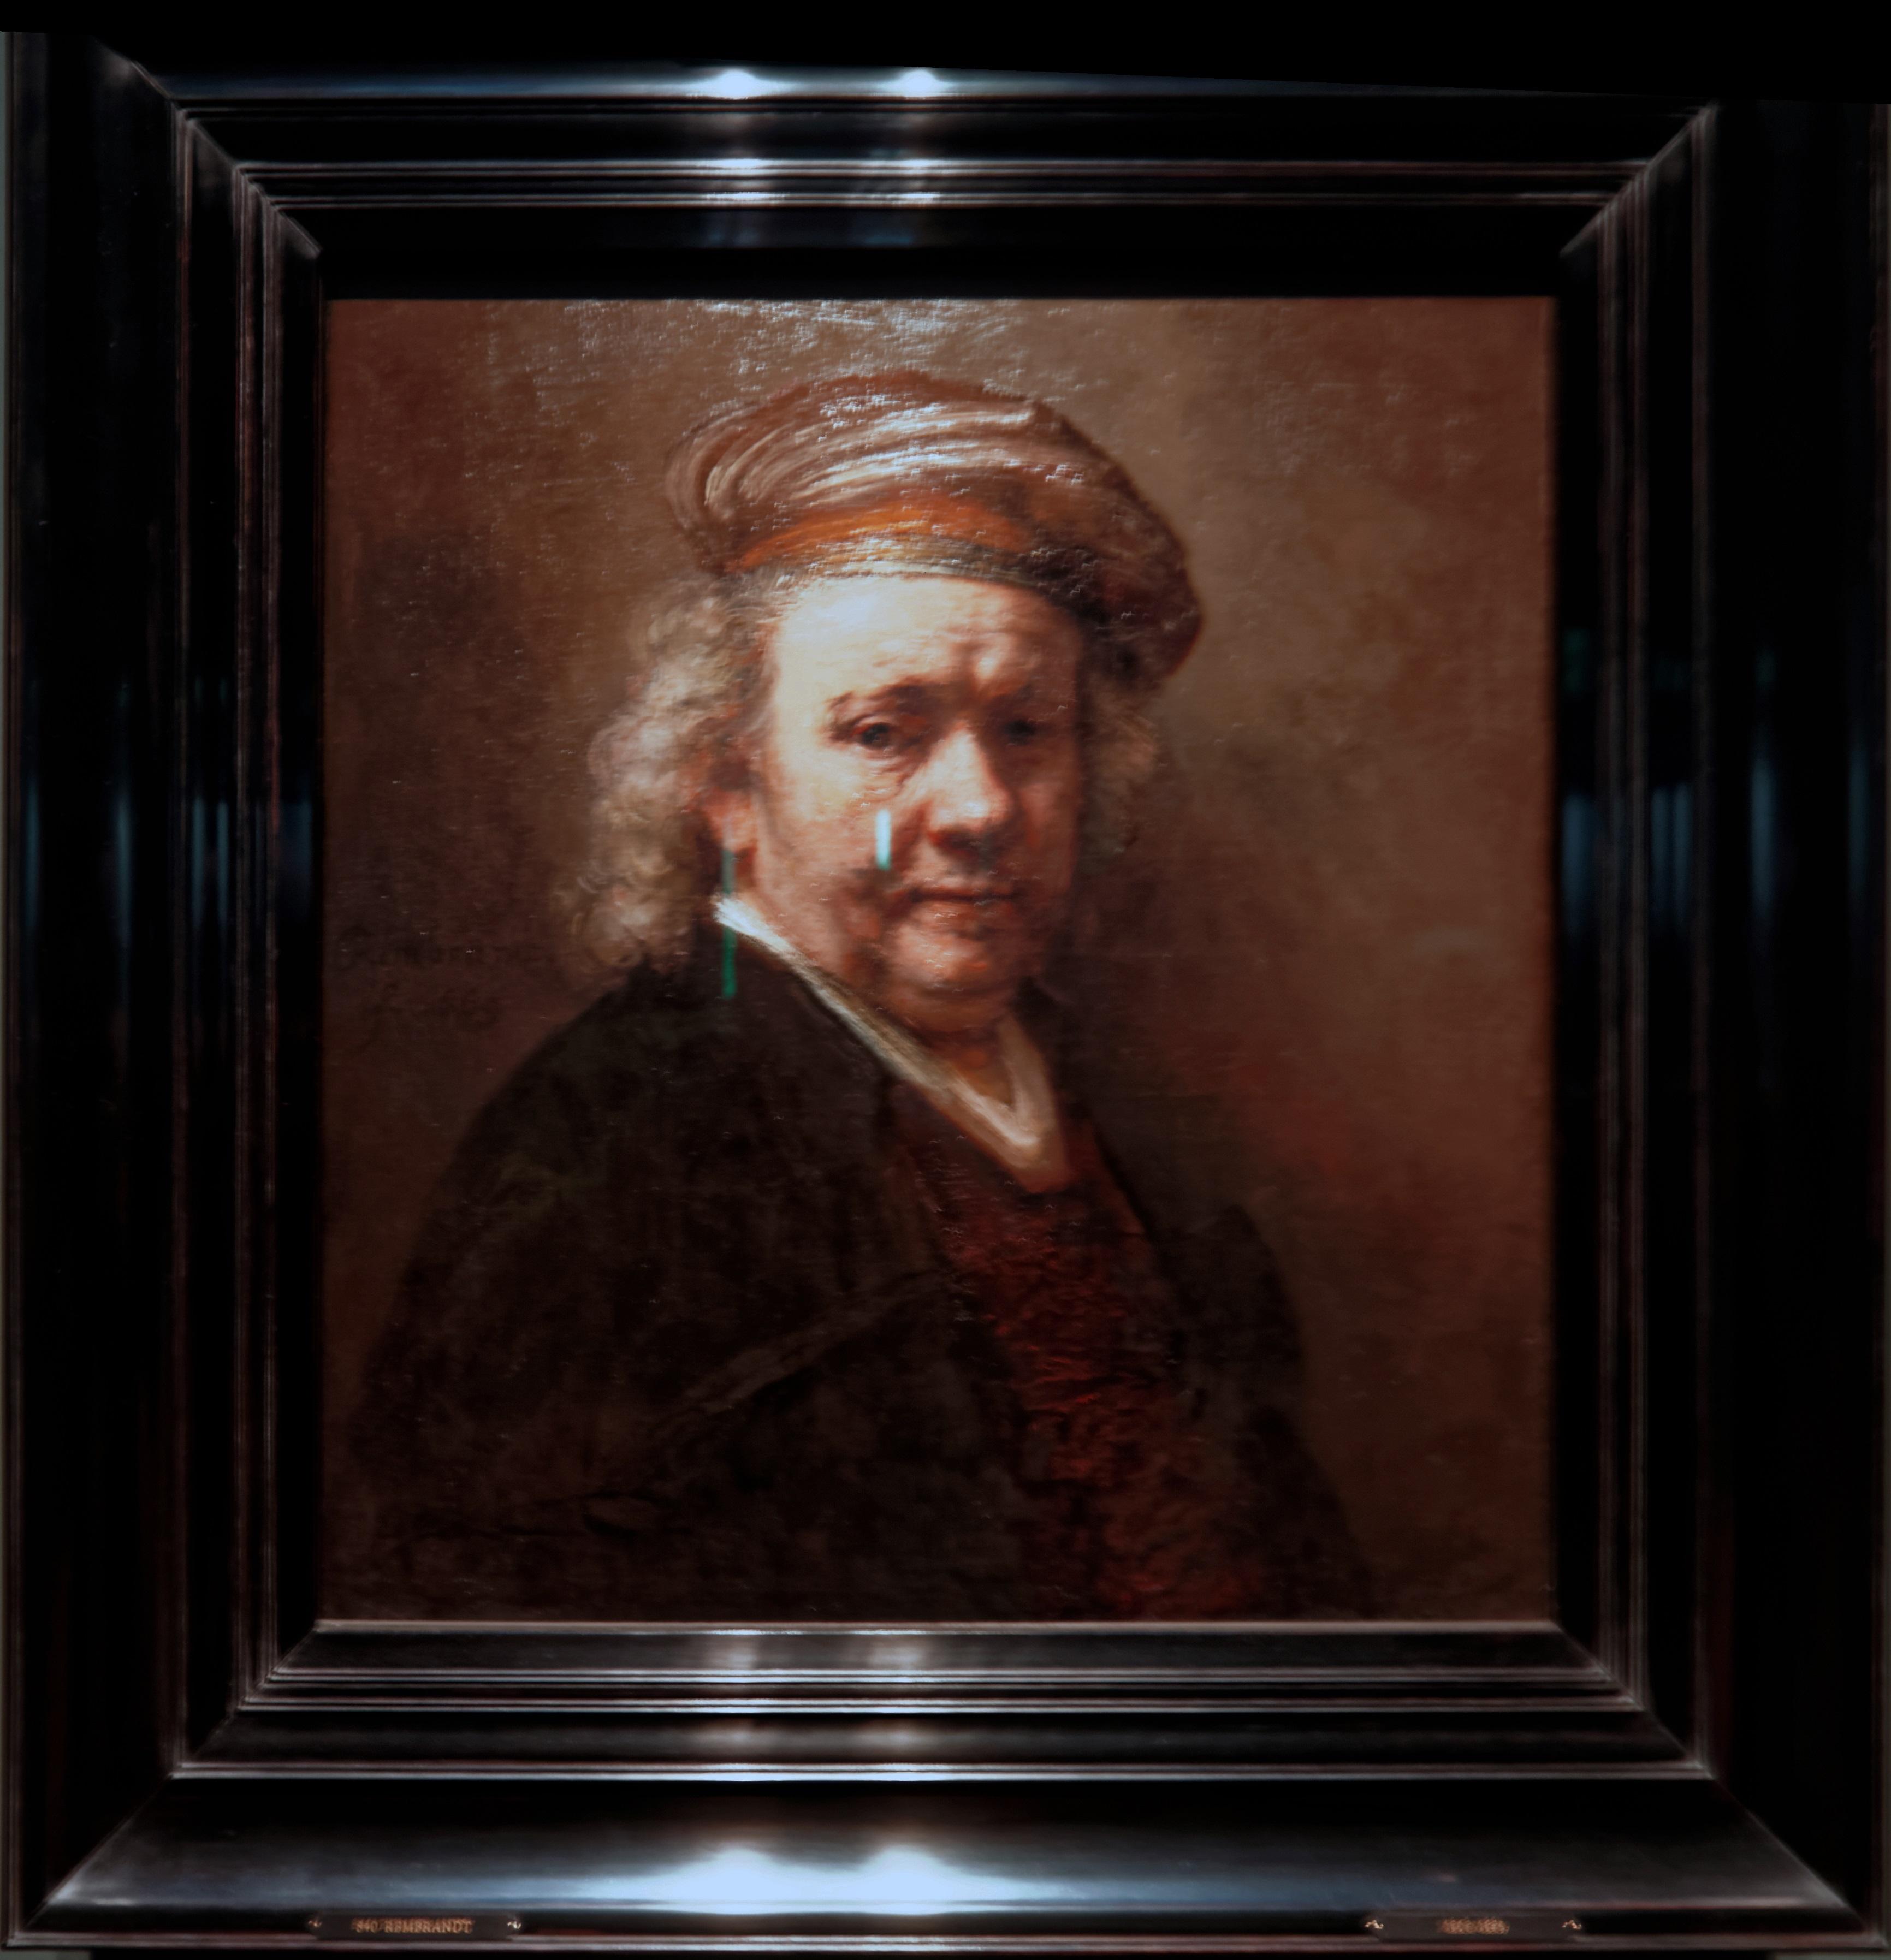 Resultado de imagen para Rijksmuseum de Ámsterdam, rembrandt